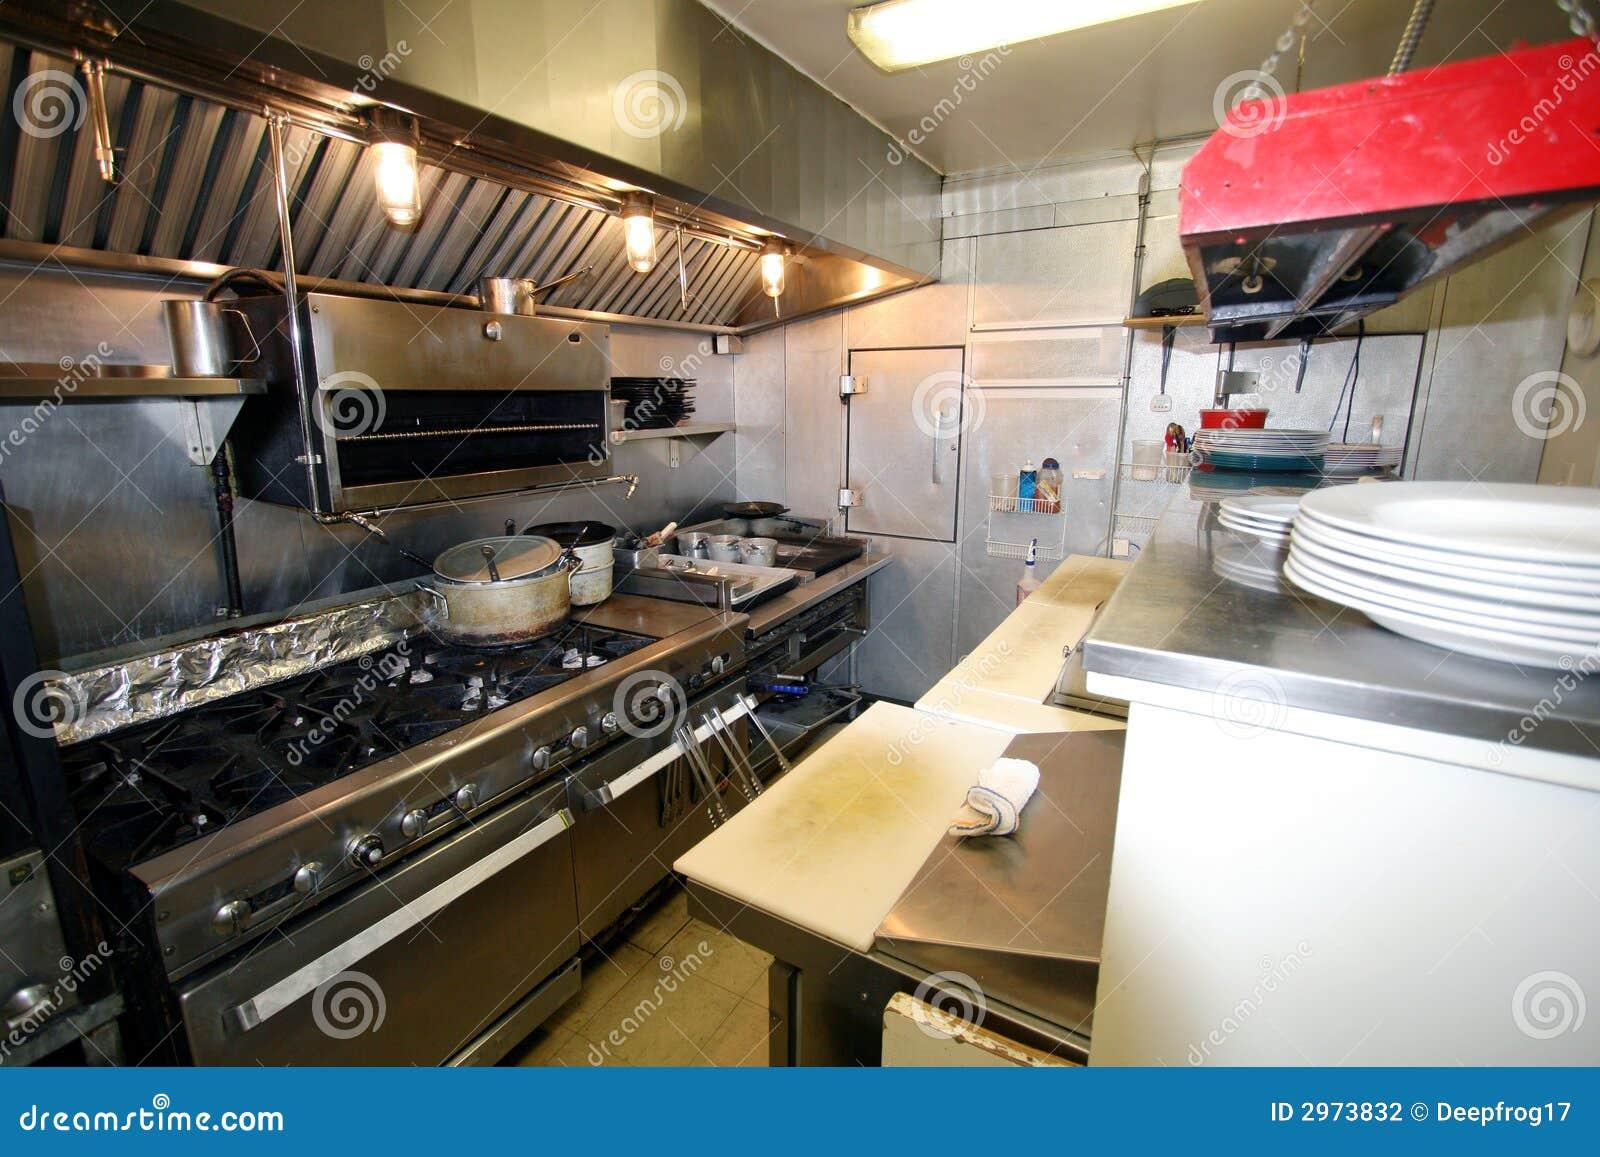 Kleine Küche In Einer Gaststätte Stockfoto   Bild von wannen, fein ...